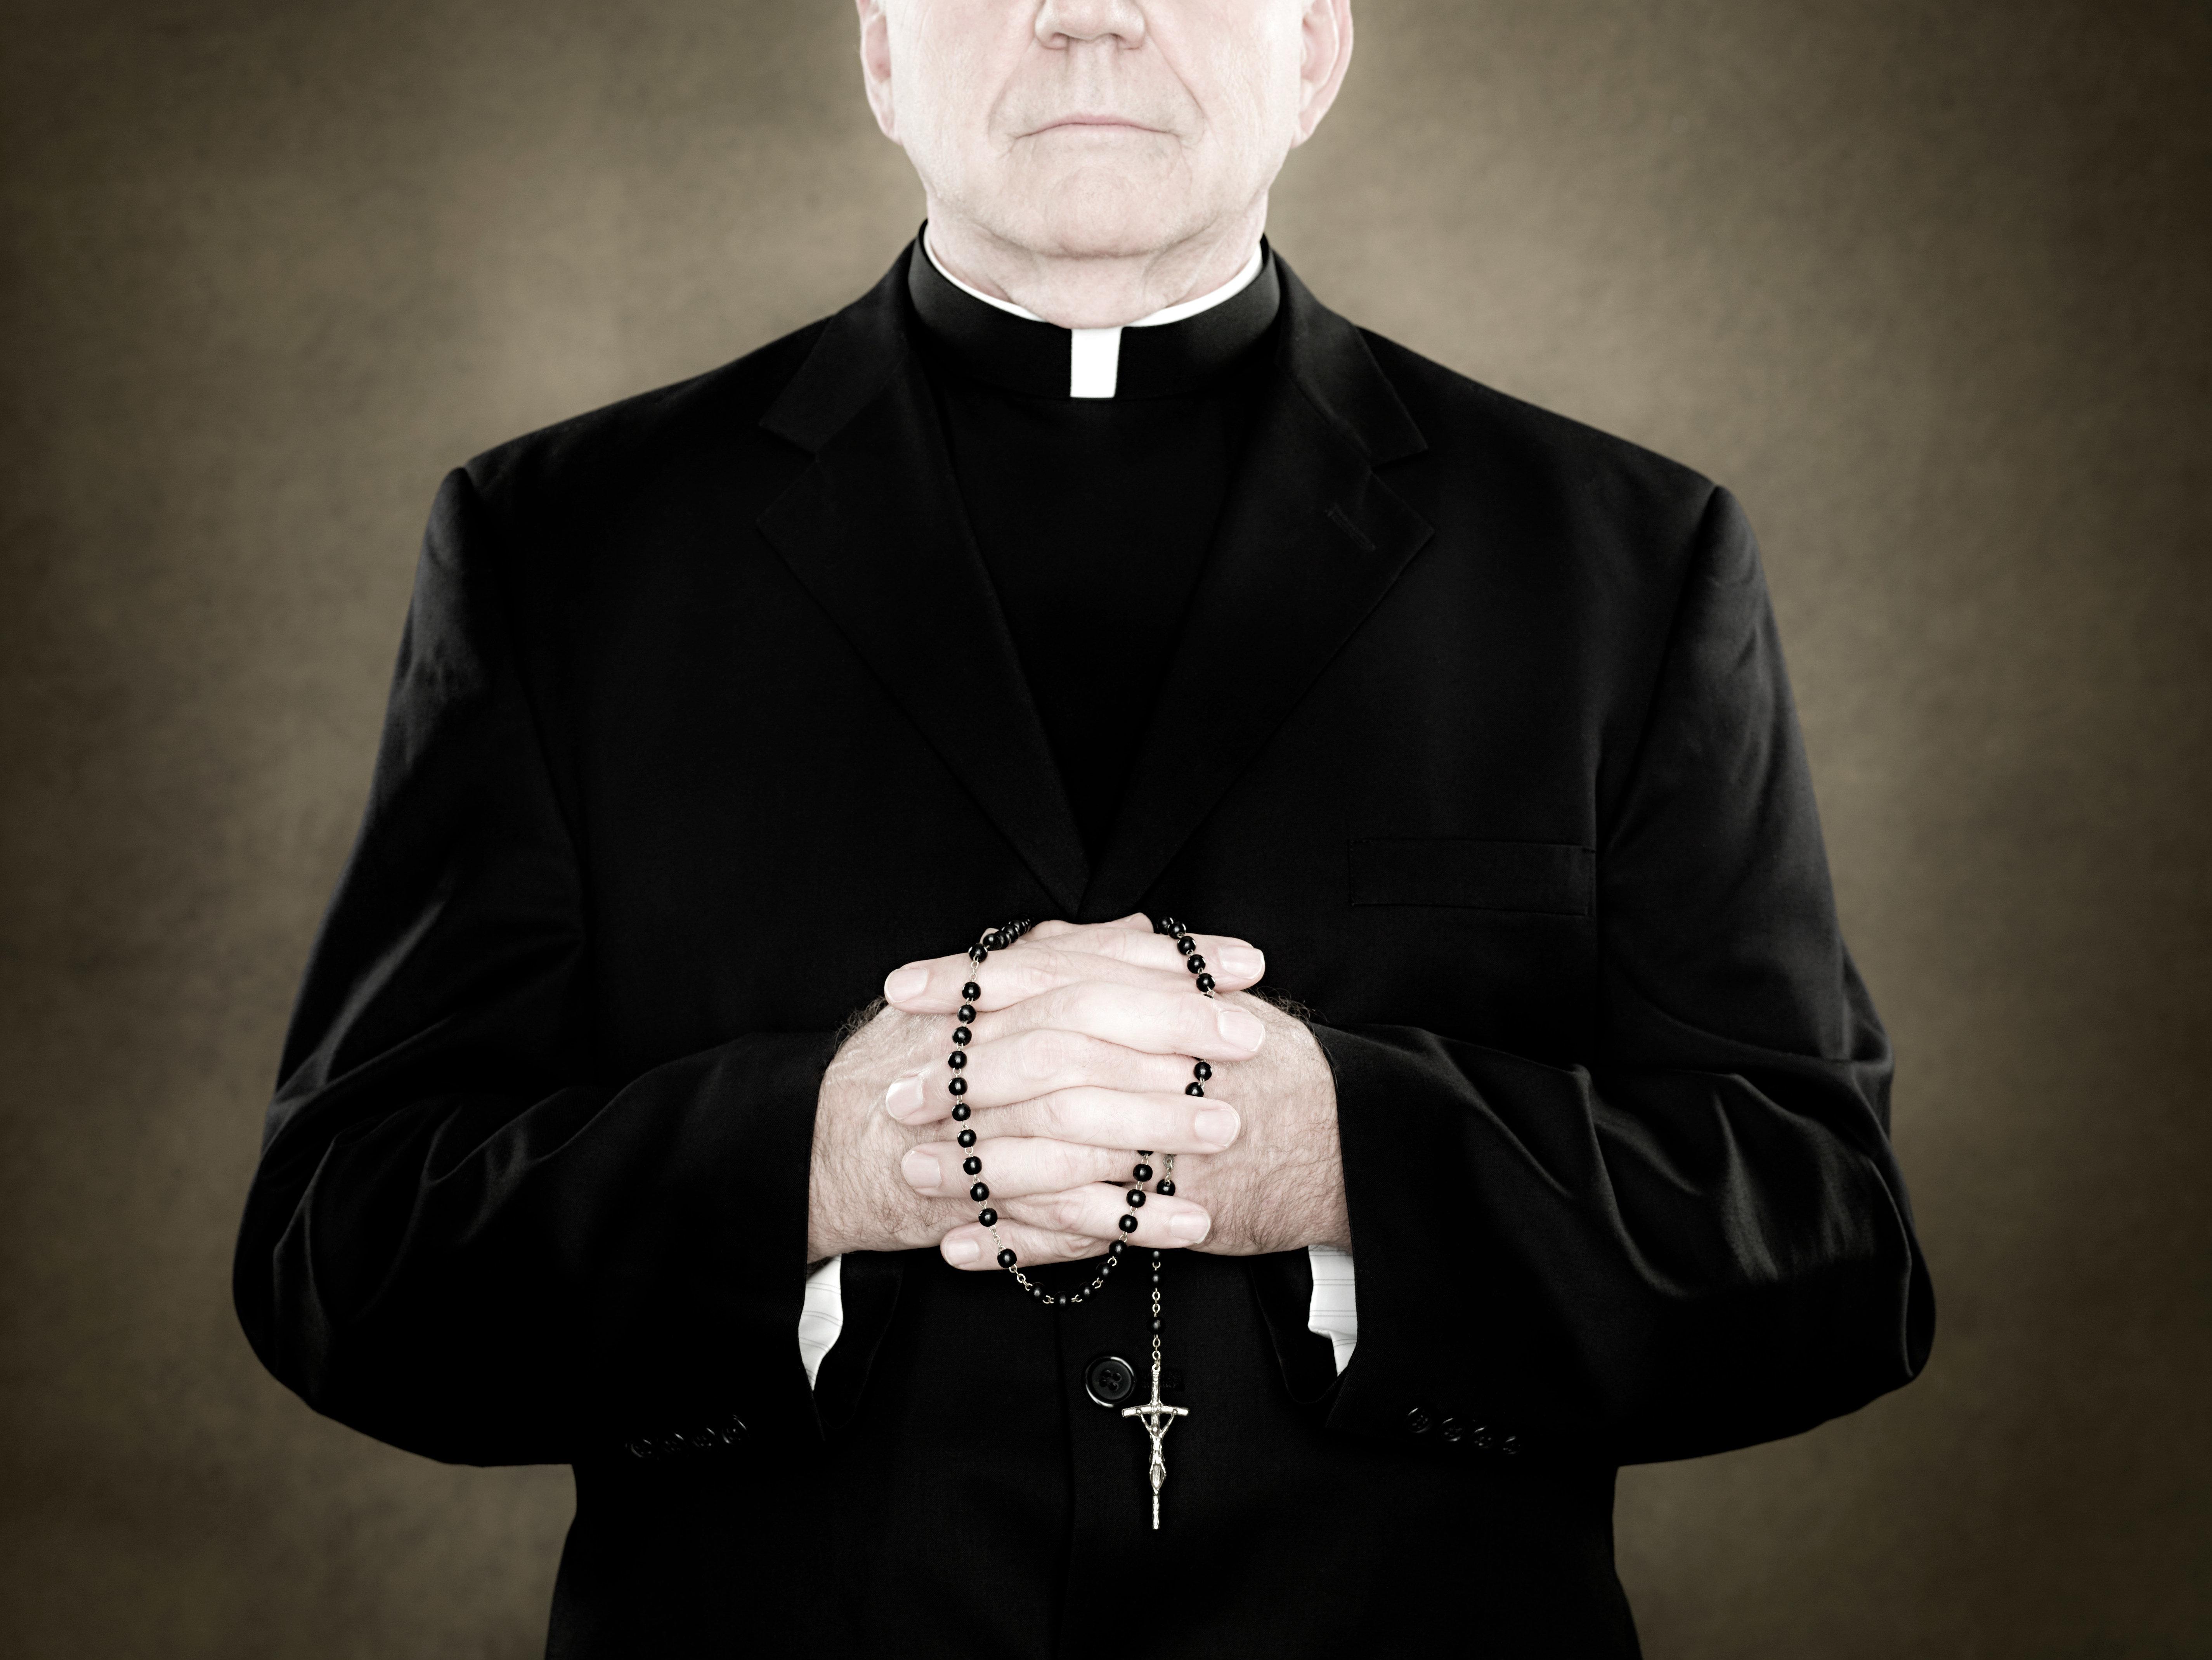 Abusò di 10 minori, ex prete sconterà 20 anni di